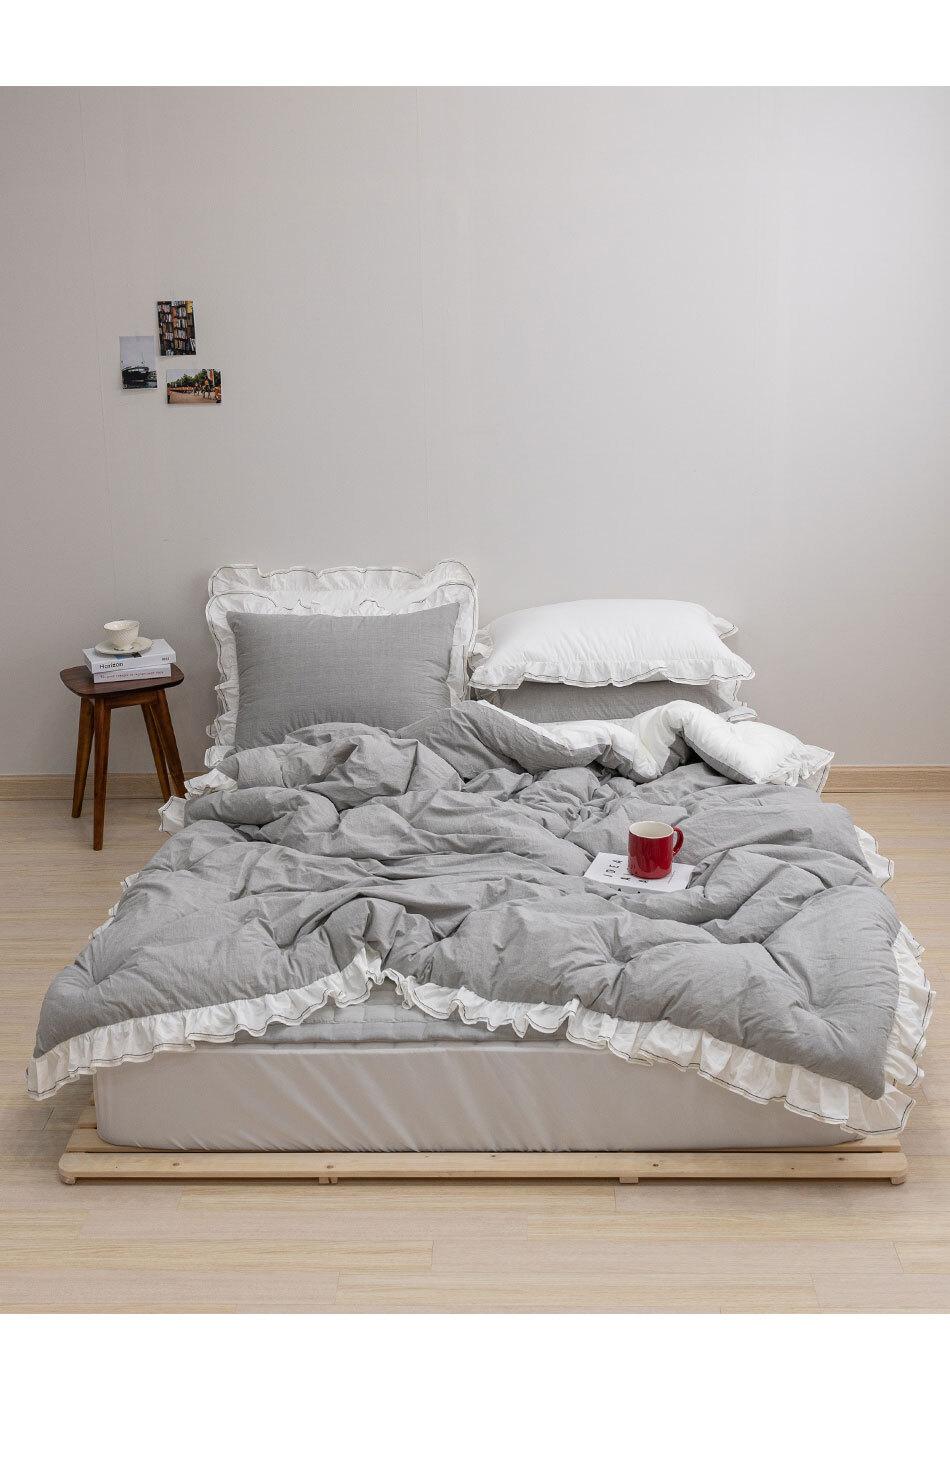 stay_bed_gray5.jpg